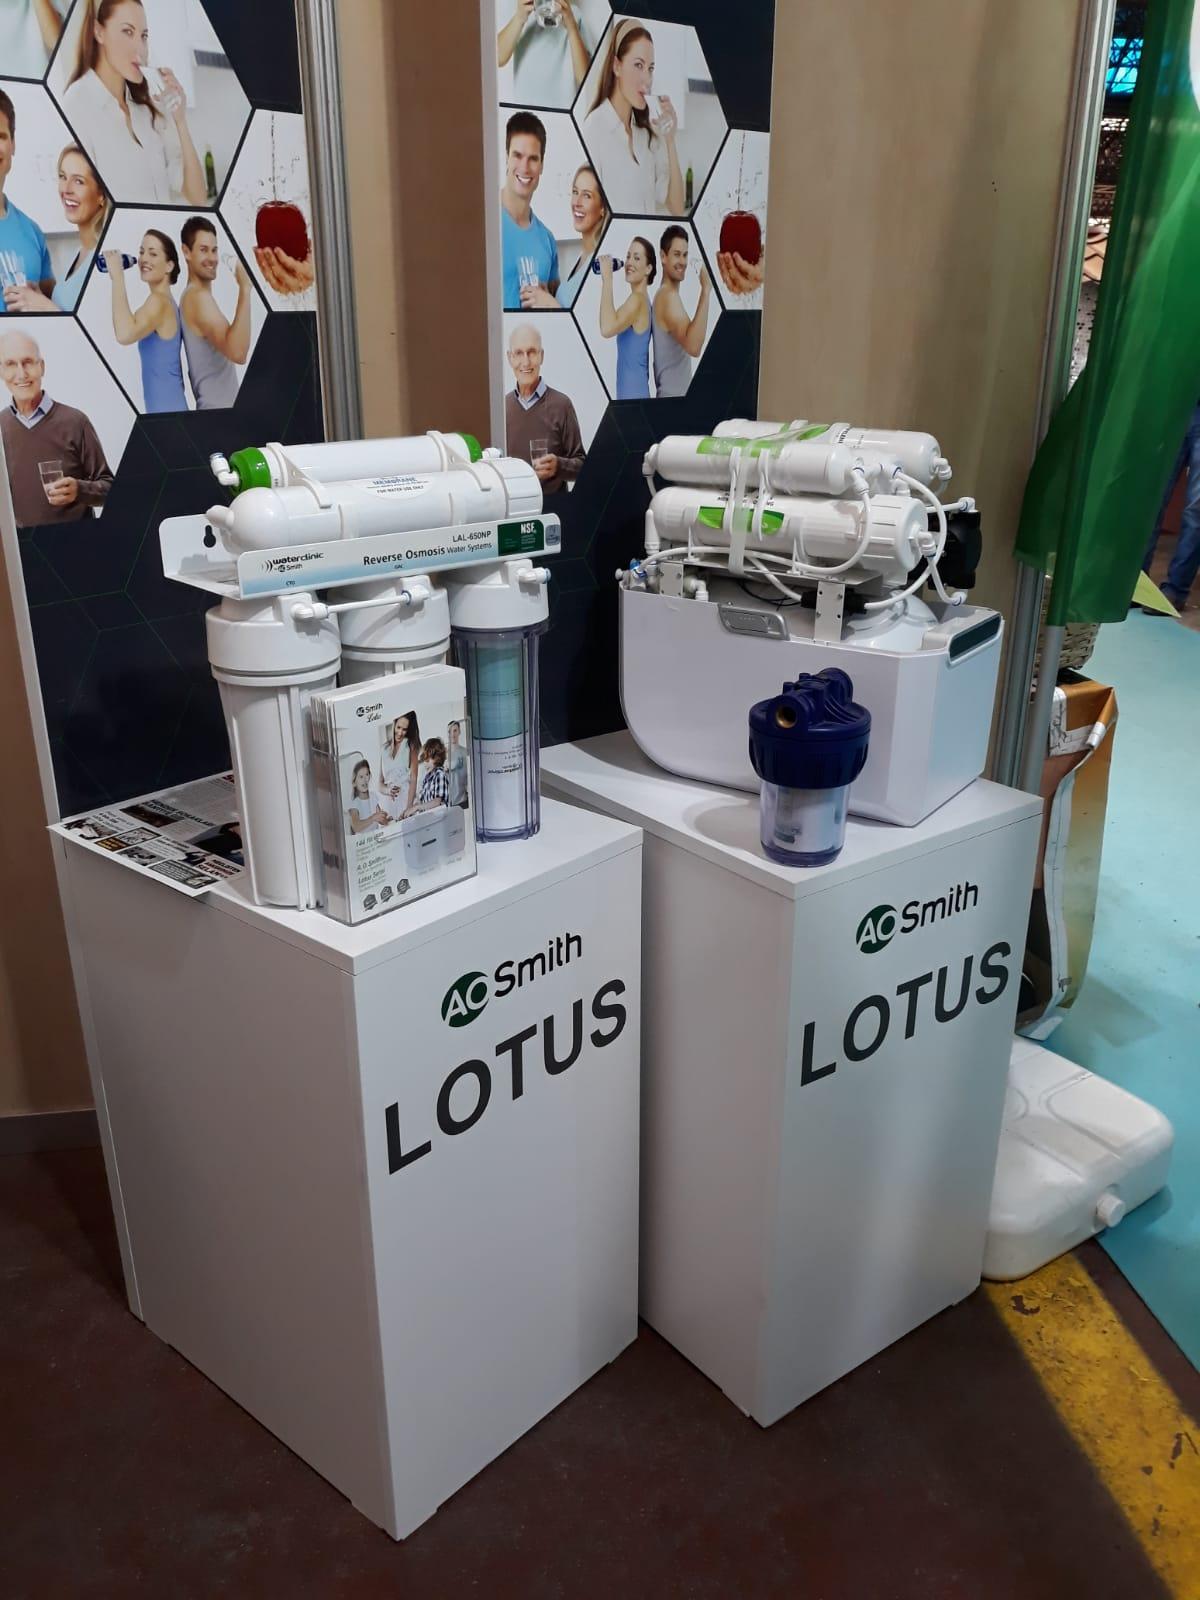 AO Smith Lotus